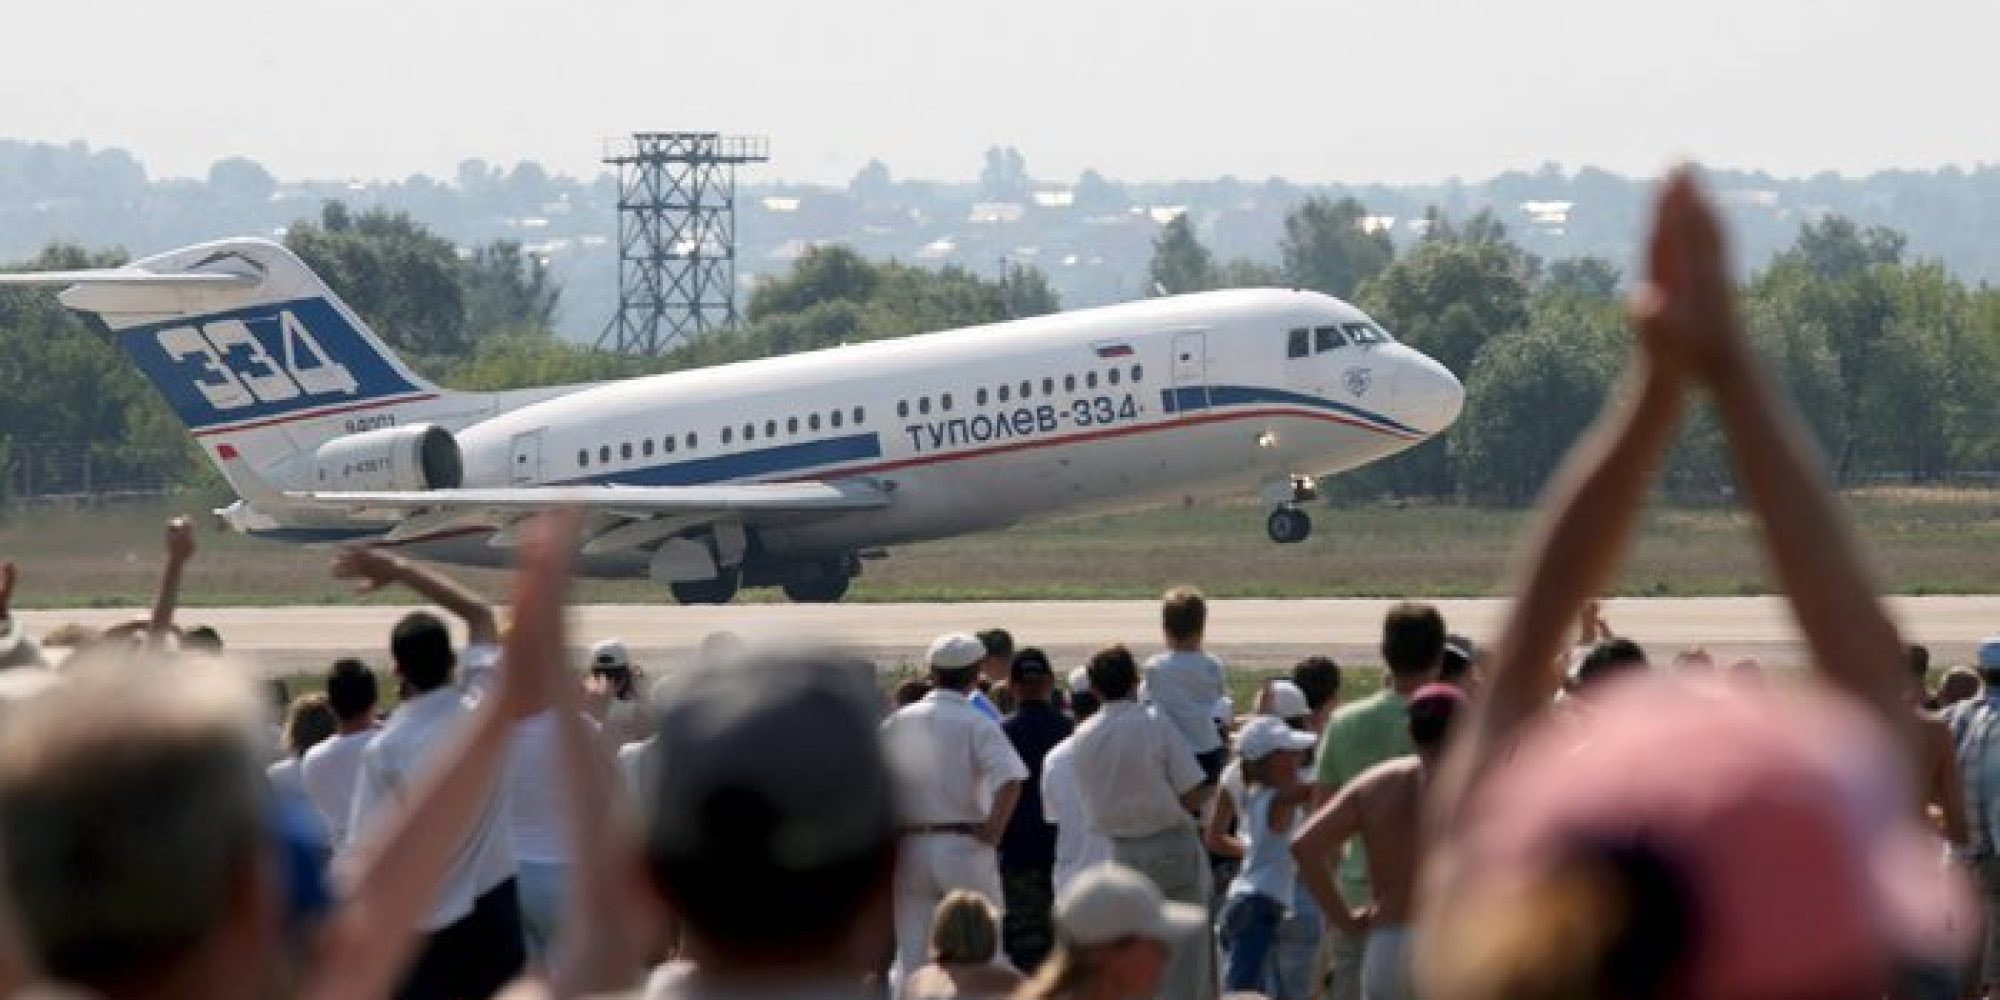 AEREO MILITARE RUSSO PRECIPITATO NEL MAR NERO: INCIDENTE O IPOTETICO COMPLOTTO TERRORISTICO ? – INFORMAZIONE CONSAPEVOLE